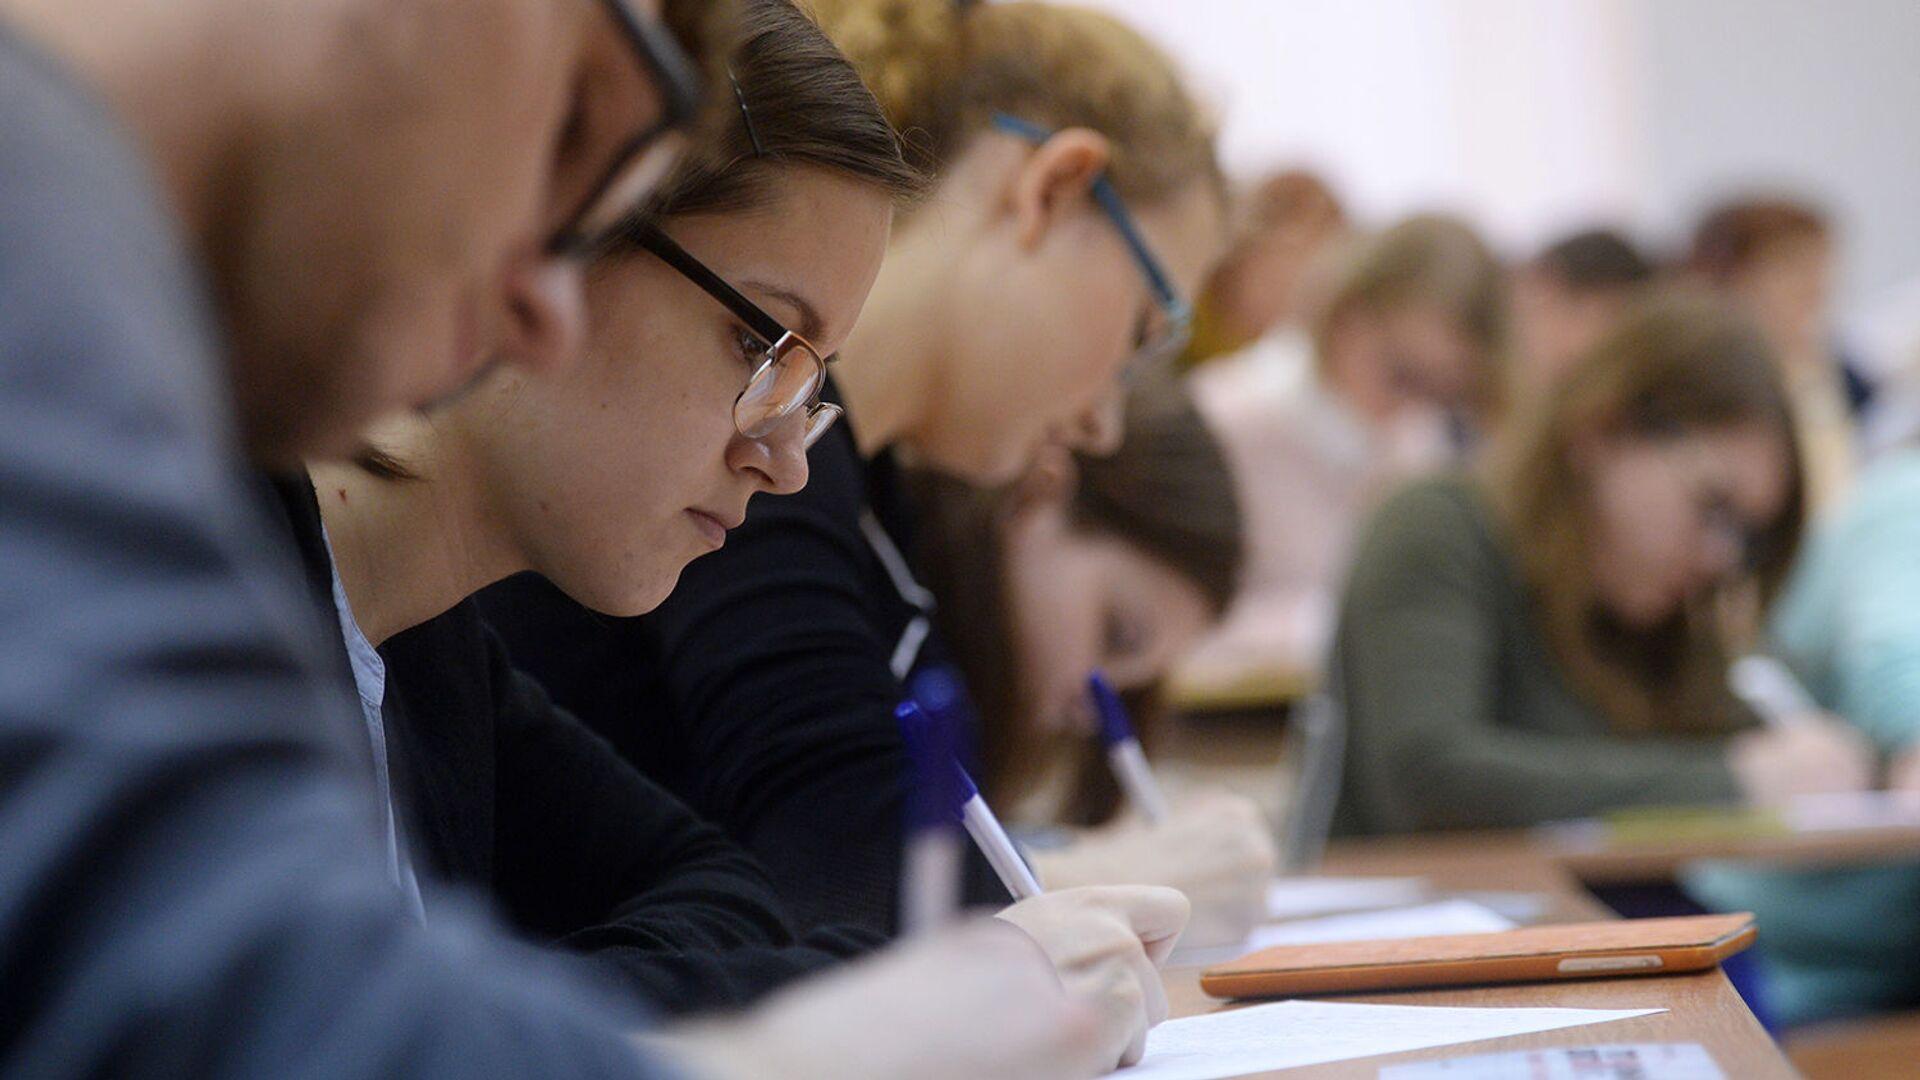 Студенты в аудитории во время занятий - РИА Новости, 1920, 14.09.2021